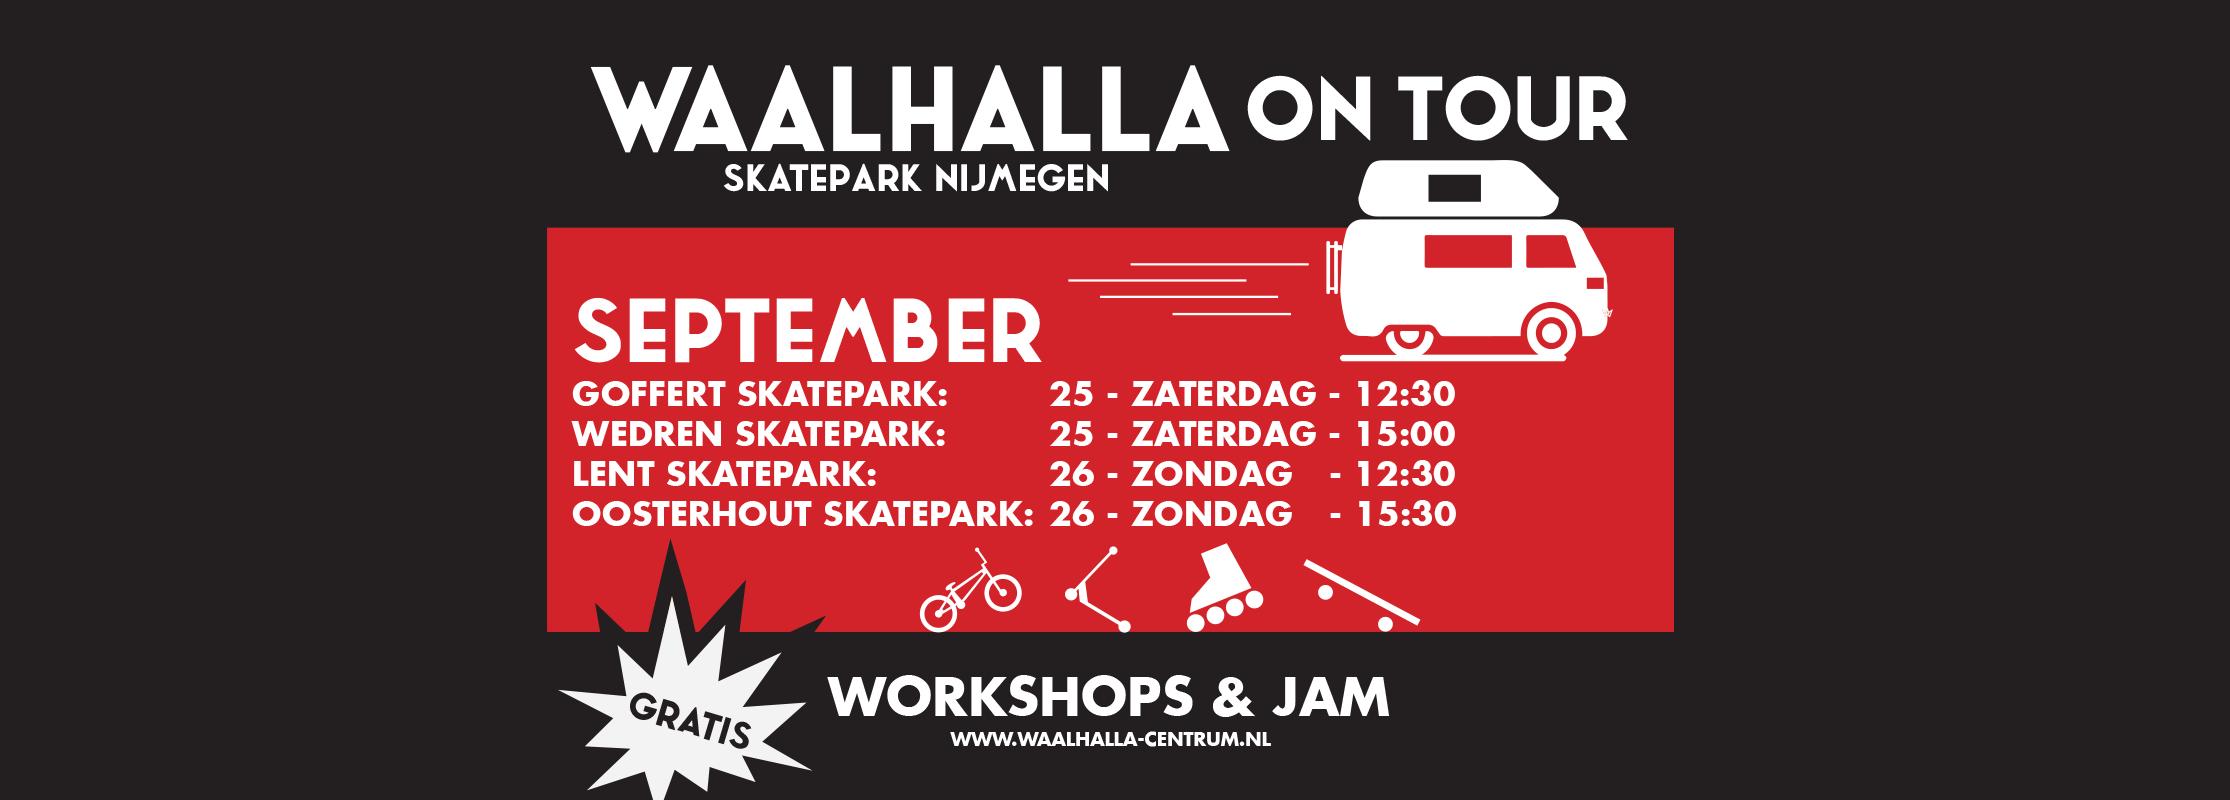 Waalhalla on tour